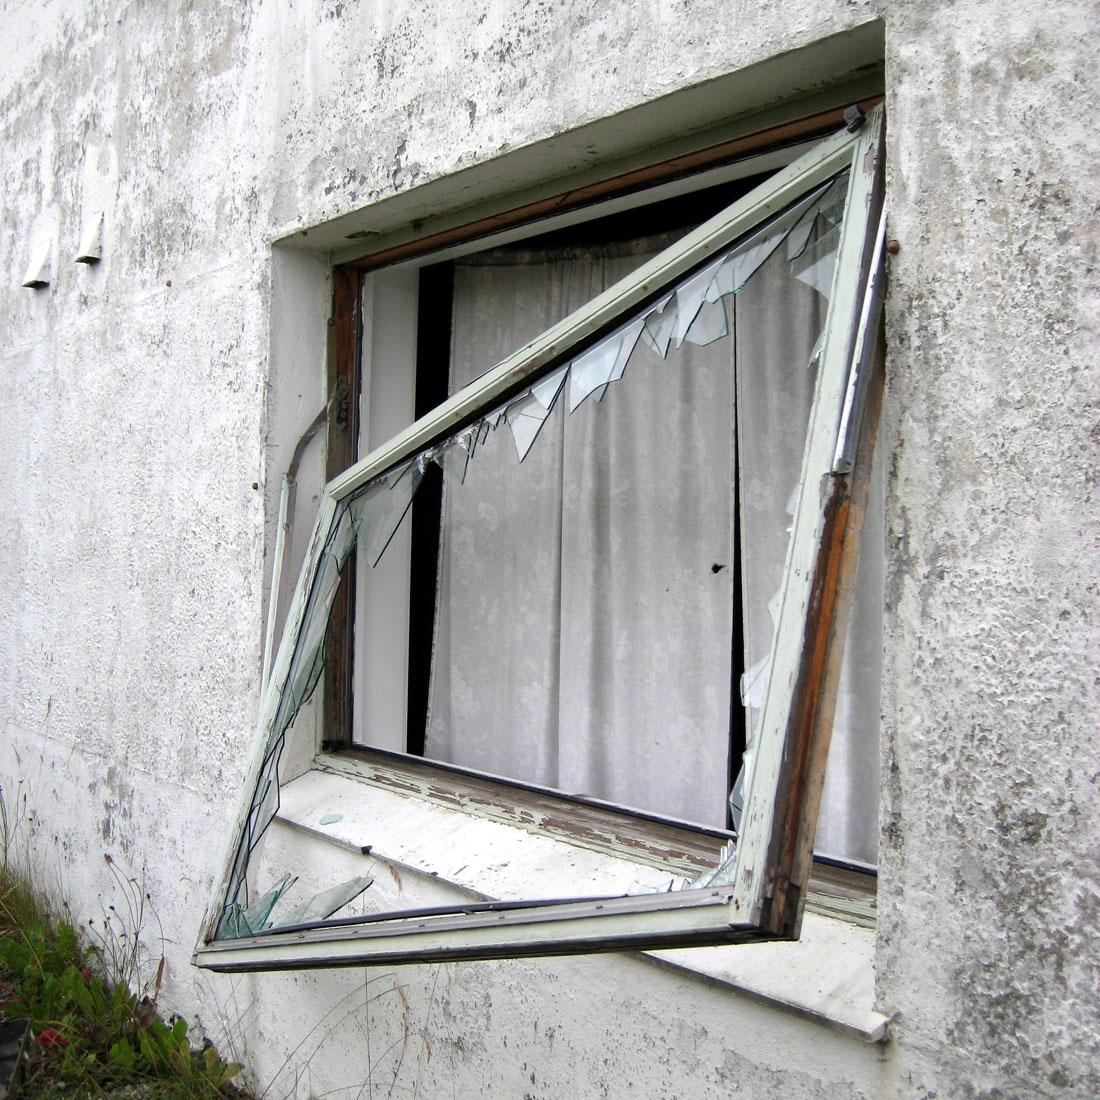 het verlaten huis dat gebruikt wordt als canvas